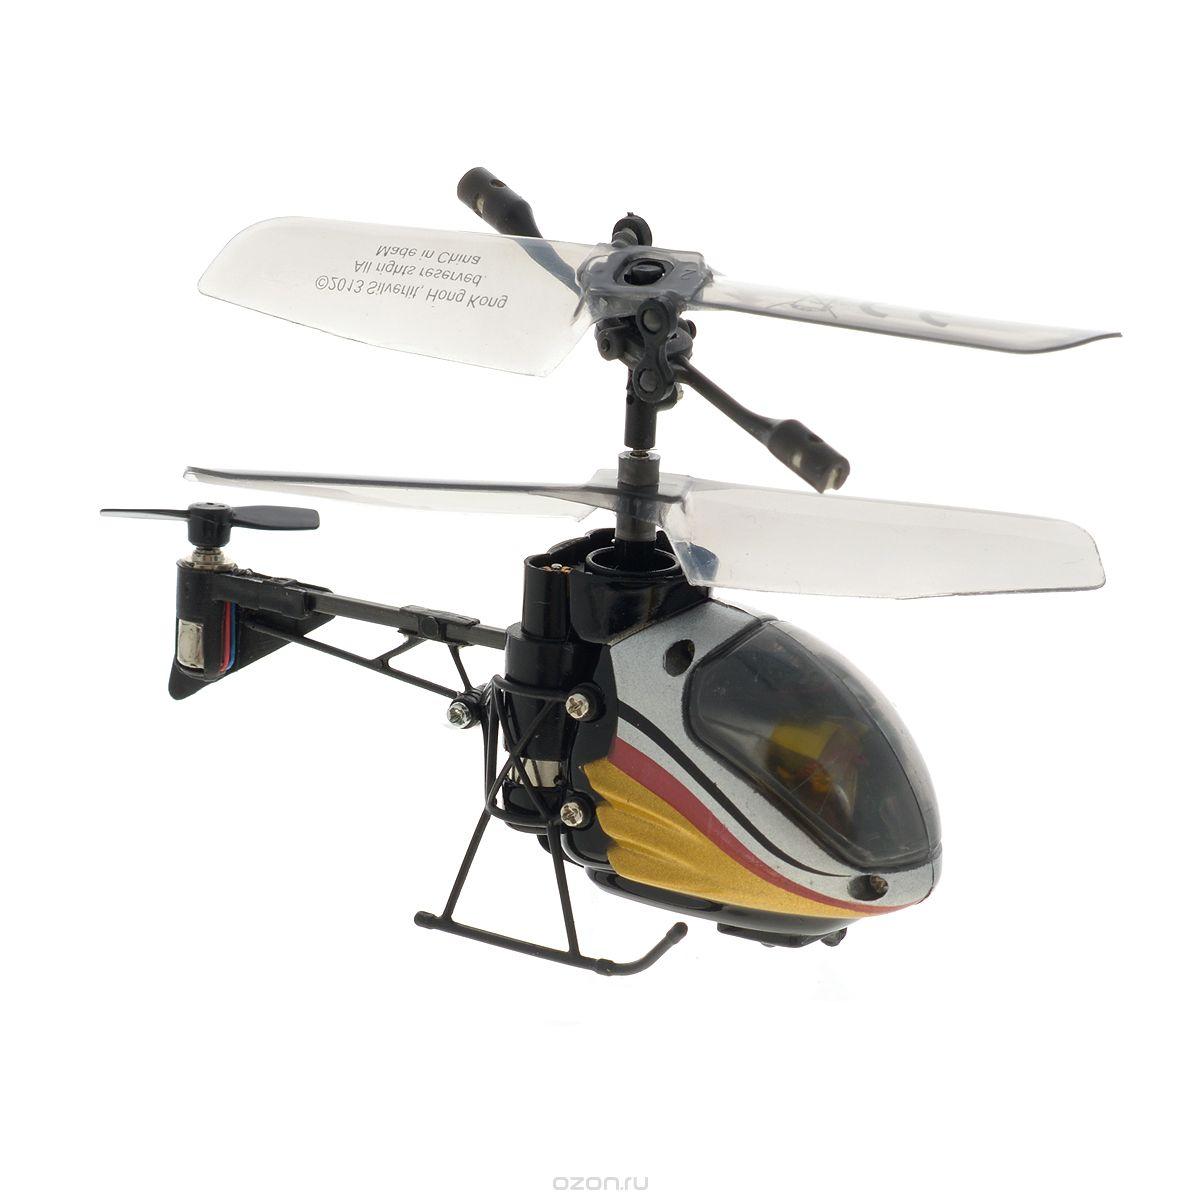 Silverlit Вертолет на радиоуправлении Nano Falcon цвет серый красный желтый84665_серебр, черн, золотРадиоуправляемая модель Silverlit Вертолет Nano Falcon - игрушка, которая обязательно понравится вашему ребенку. Вертолет занесен в книгу рекордов Гиннесса как самый маленький вертолет с гироскопом в мире! Каркас вертолета выполнен из пластика с использованием металла. Вертолет имеет трехканальное дистанционное управление и идеально подходит для игры как внутри помещения, так и на улице. Он может летать на разной высоте вперед и назад, поворачивать вправо и влево. Управляется легко и просто благодаря встроеннмоу гироскопу. Каждый запуск Silverlit Вертолет Nano Falcon принесет яркие впечатления вам и вашему ребенку! Радиоуправляемые модели давно вышли за грань обыкновенных игрушек. В продаже можно увидеть практически любую модель современной техники. Производители с каждым годом создают все более и более продвинутые модели автомобилей, самолетов, вертолетов, кораблей и многих других игрушек. А некоторые модели и вовсе выполнены идентично настоящей машине....